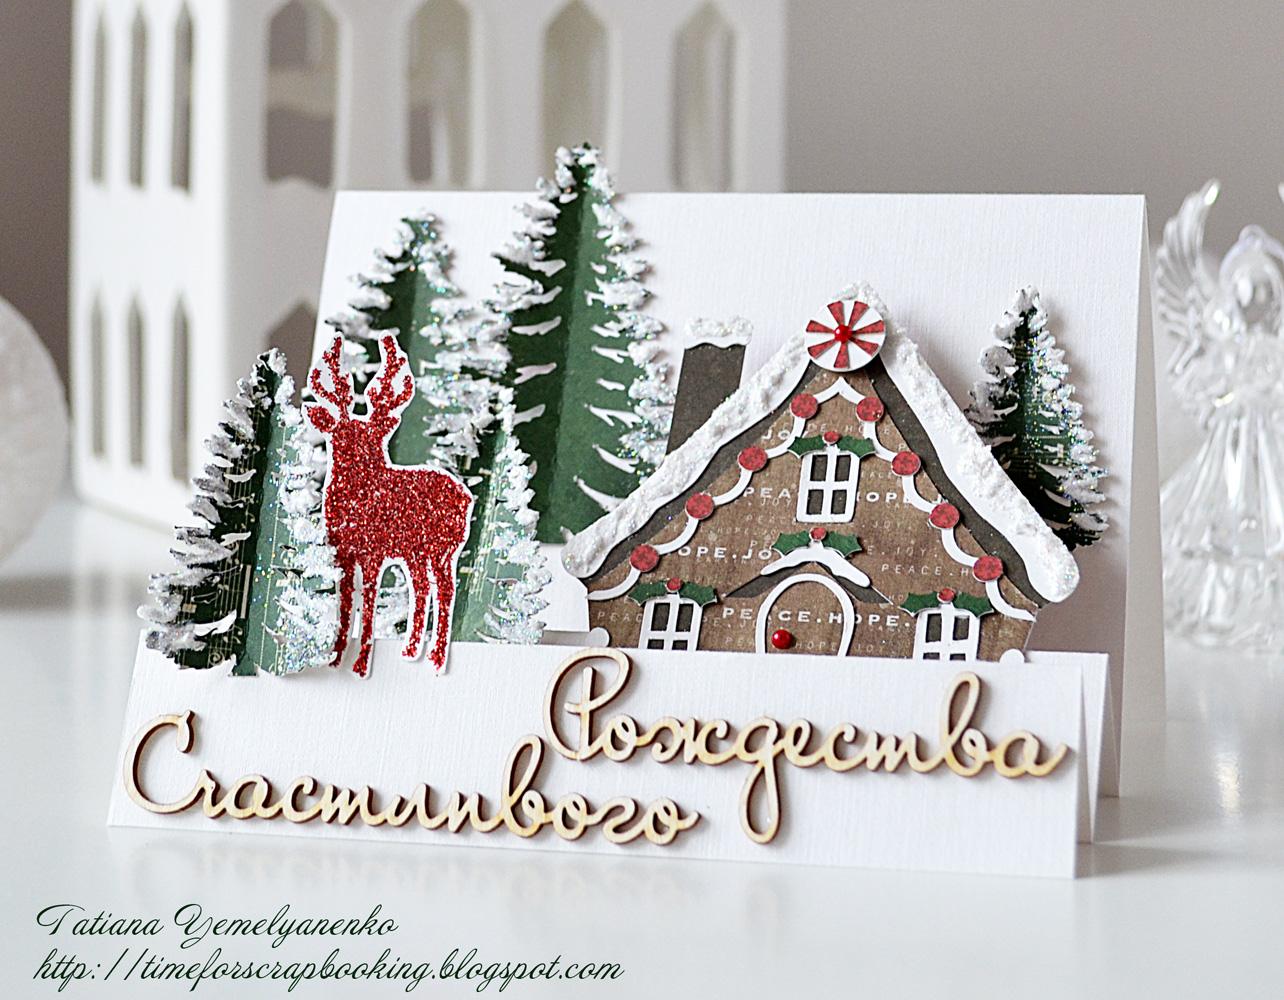 объемные открытки на рождество своими руками схемы шаблоны